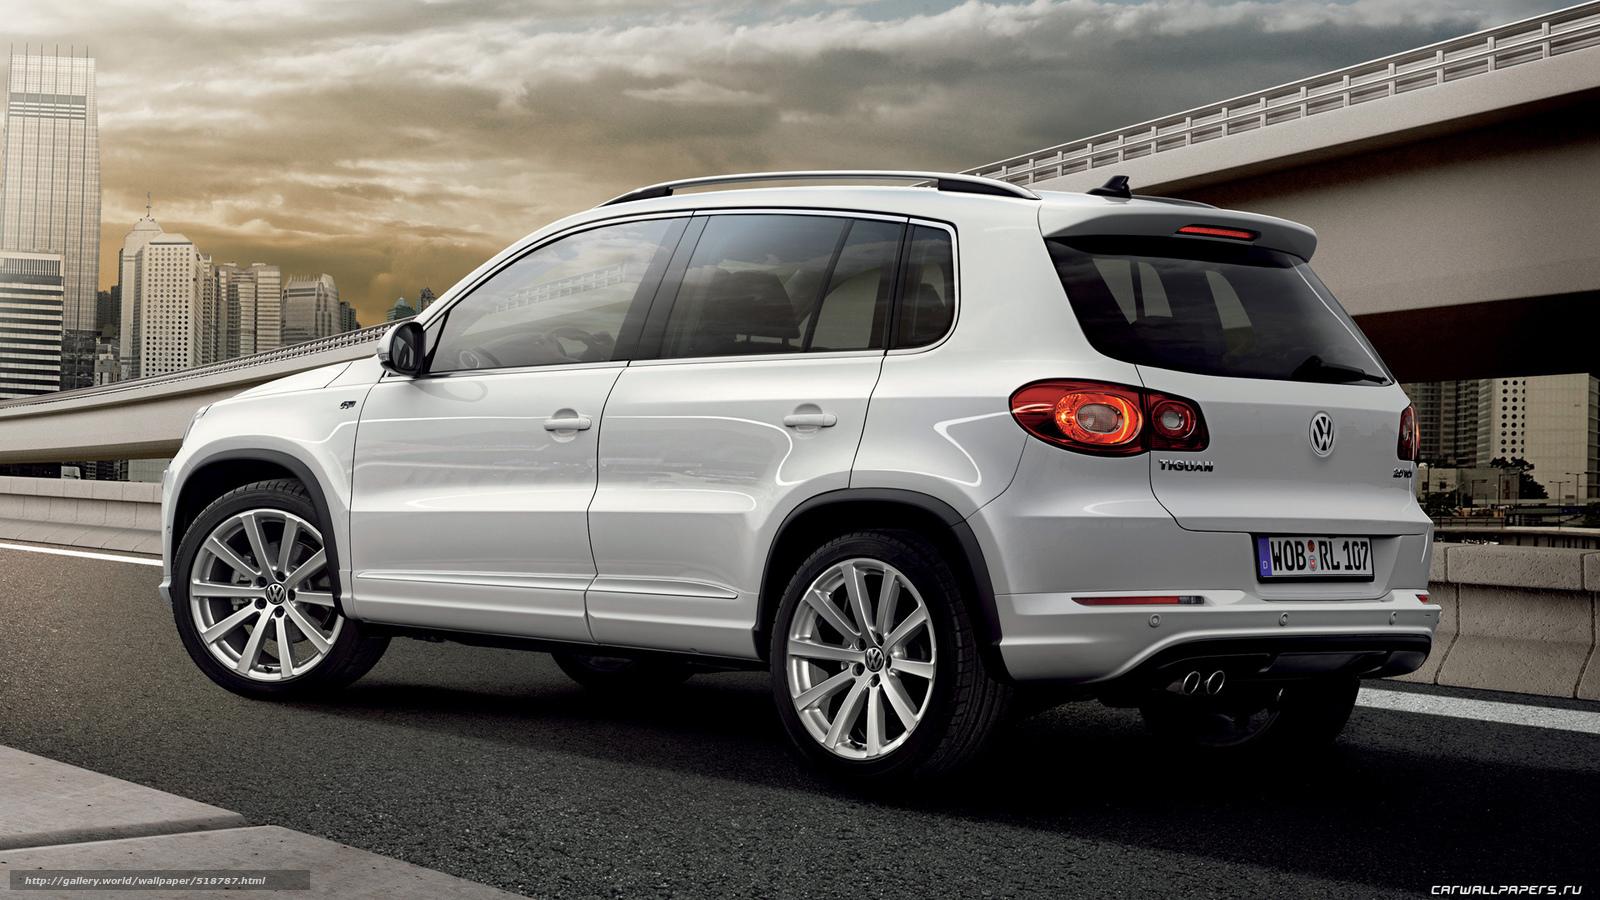 scaricare gli sfondi Volkswagen Sfondi gratis per la risoluzione del desktop 1920x1080 — immagine №518787